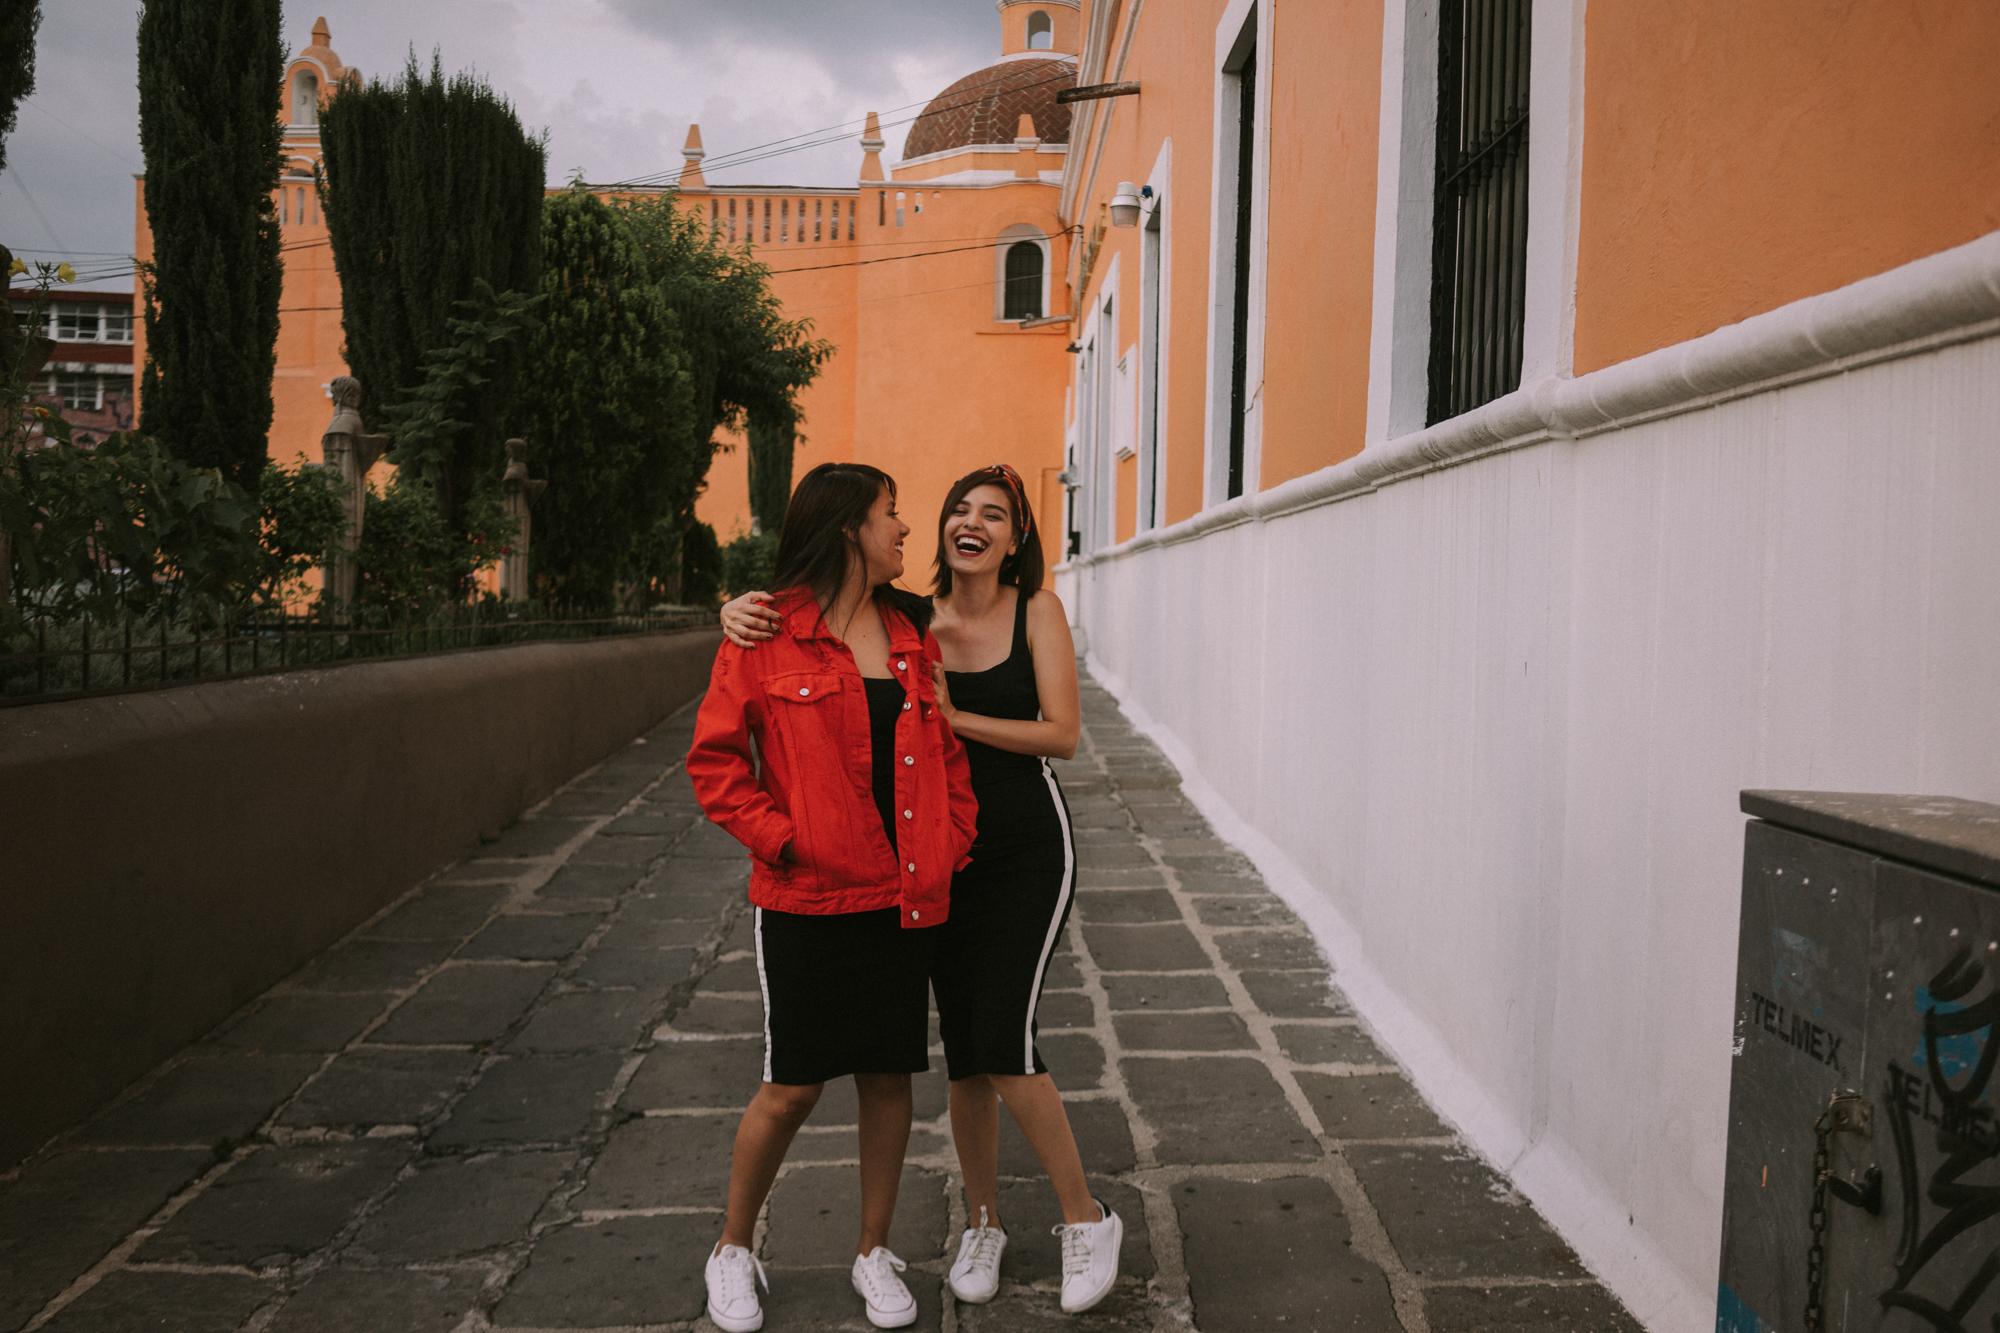 Andrea & Iza-06249.jpg